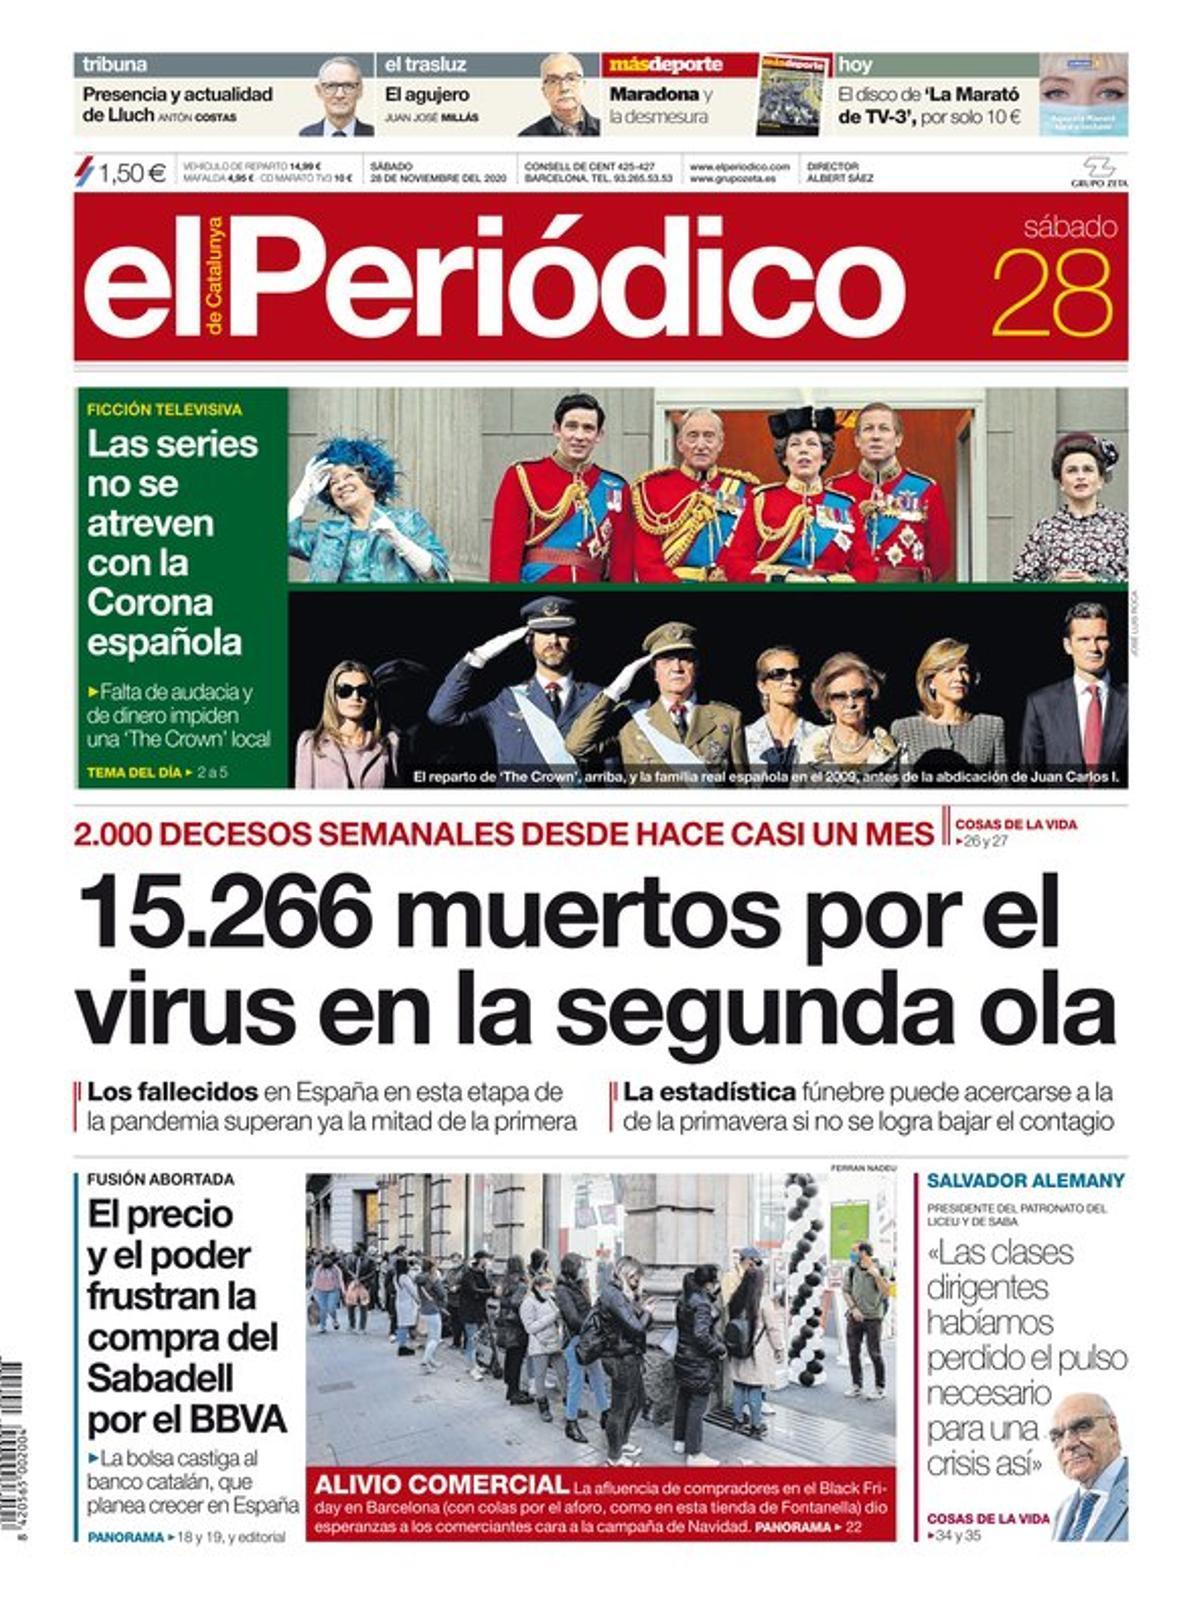 La portada de EL PERIÓDICO del 28 de noviembre del 2020.